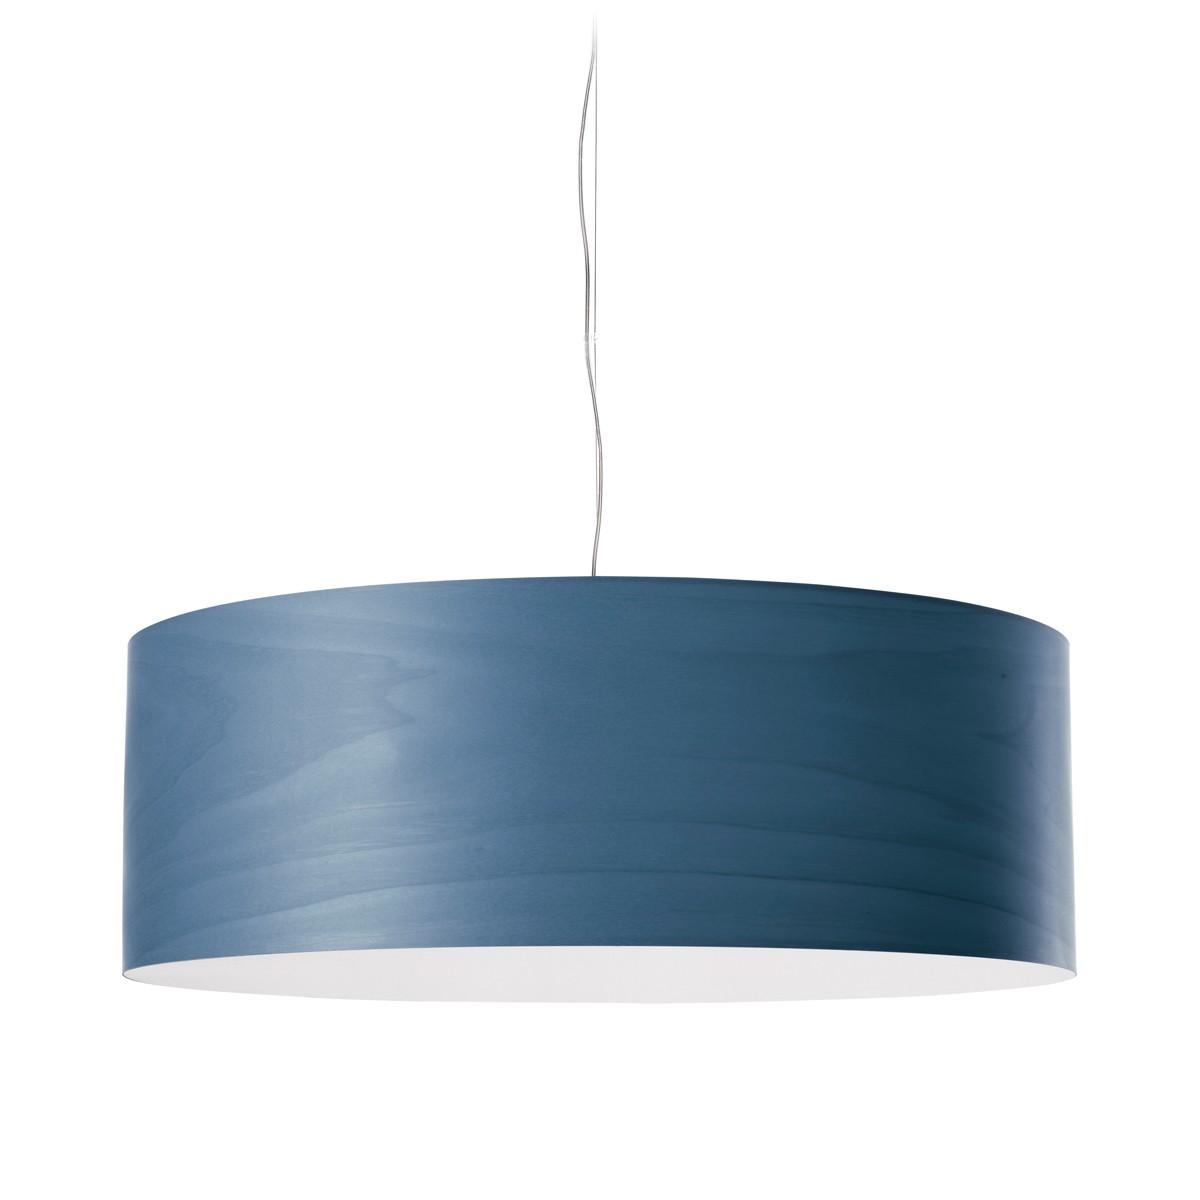 LZF Lamps Gea Large Pendelleuchte, blau